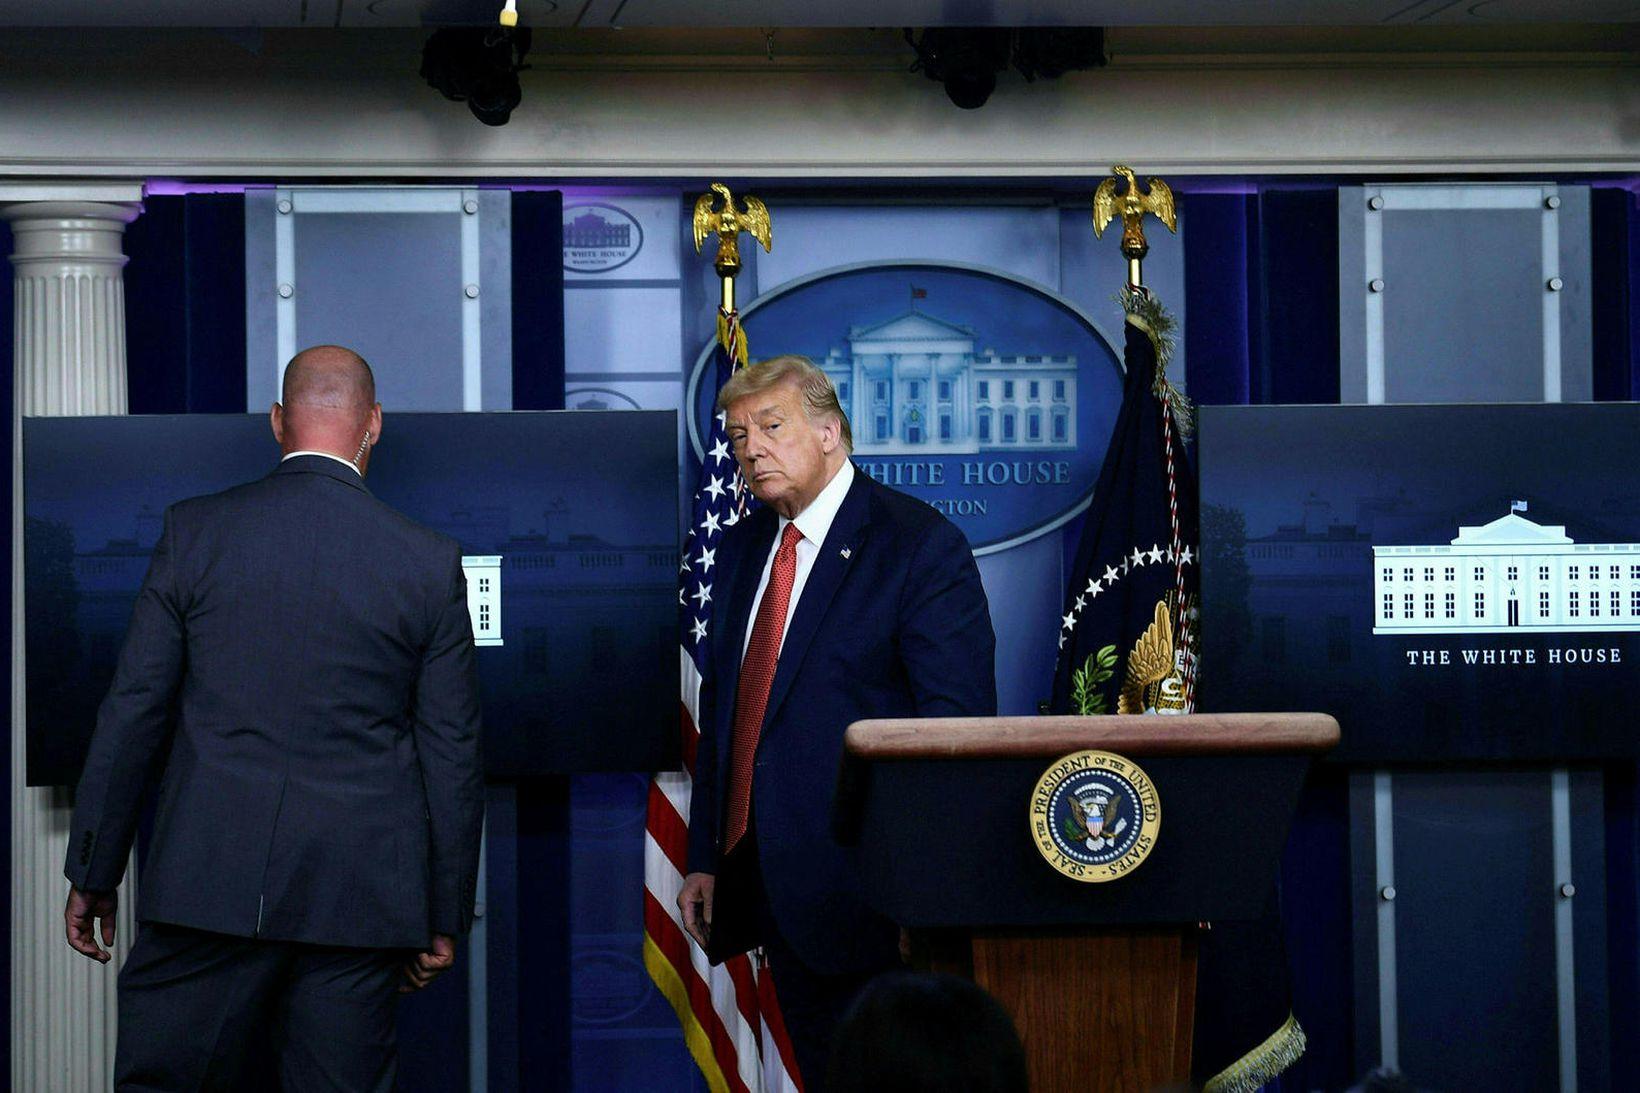 Starfsmaður leyniþjónustunnar fylgir Donald Trump Bandaríkjaforseta úr púlti. Blaðamannafundinum var …